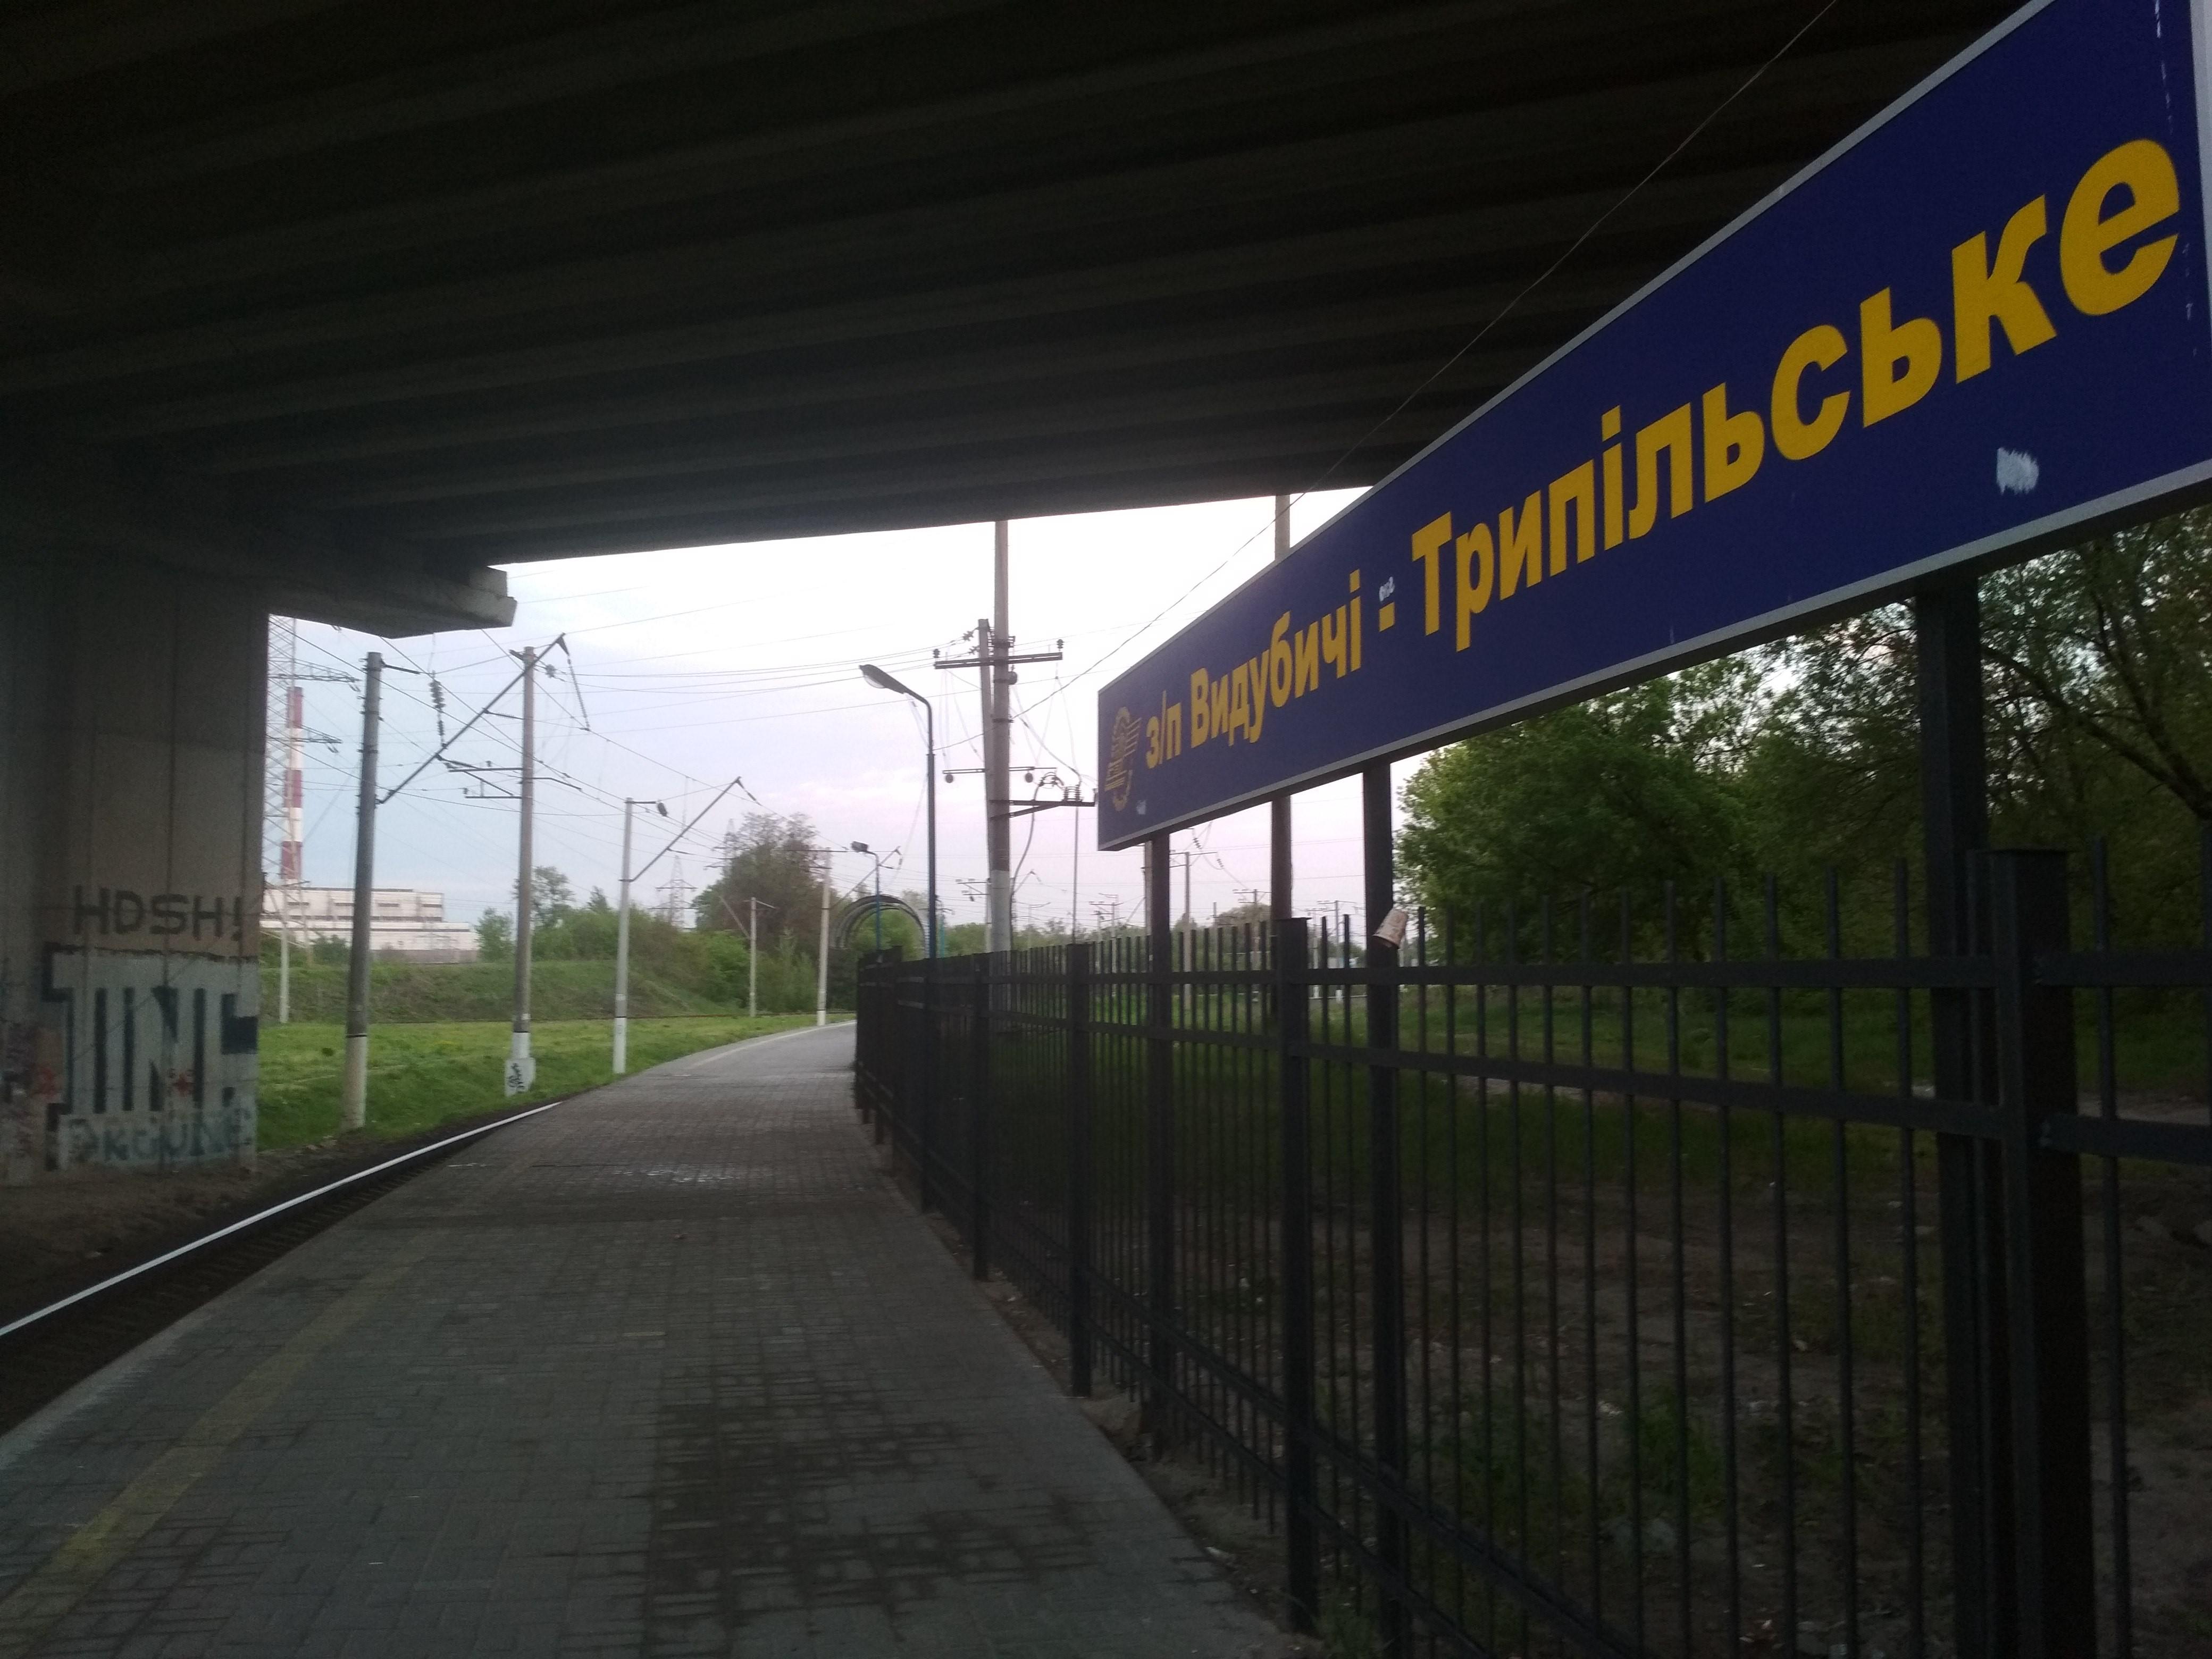 Платформа Выдубичи-Трипольское расположена на повороте, что к тому же и опасно